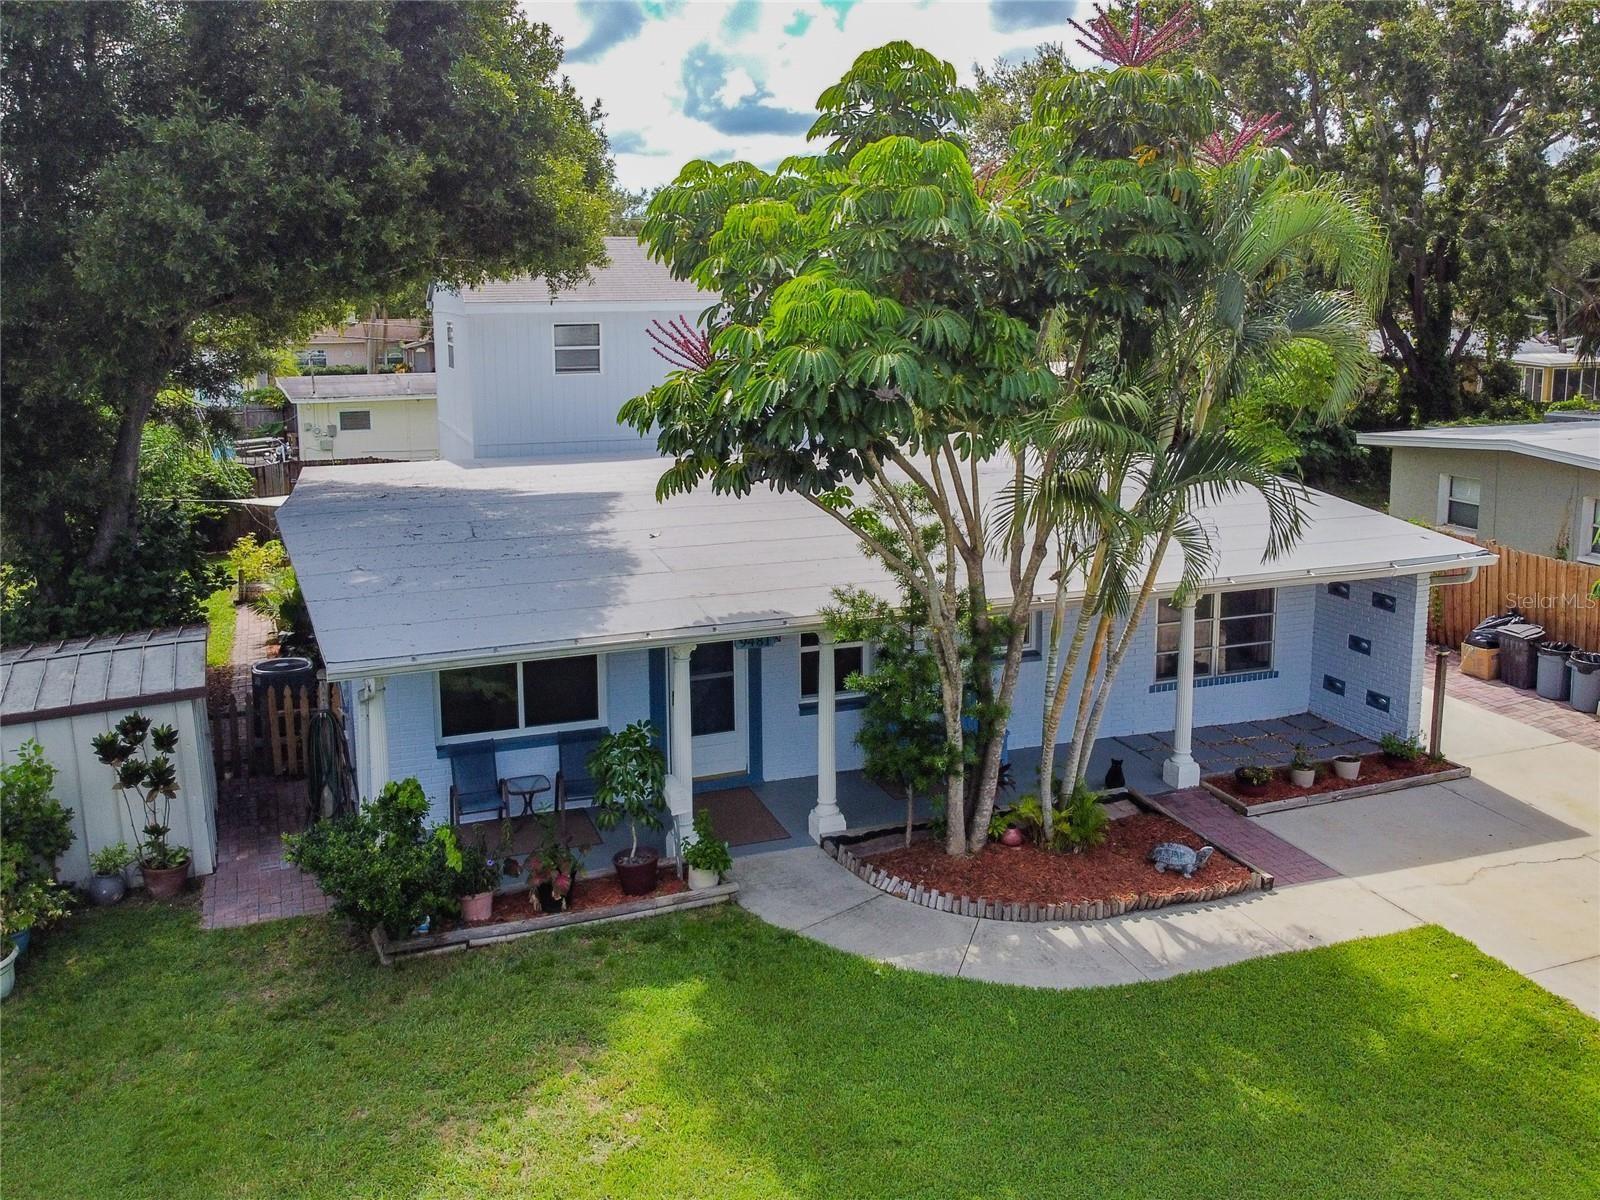 9481 55TH WAY N, Pinellas Park, FL 33782 - #: U8123974